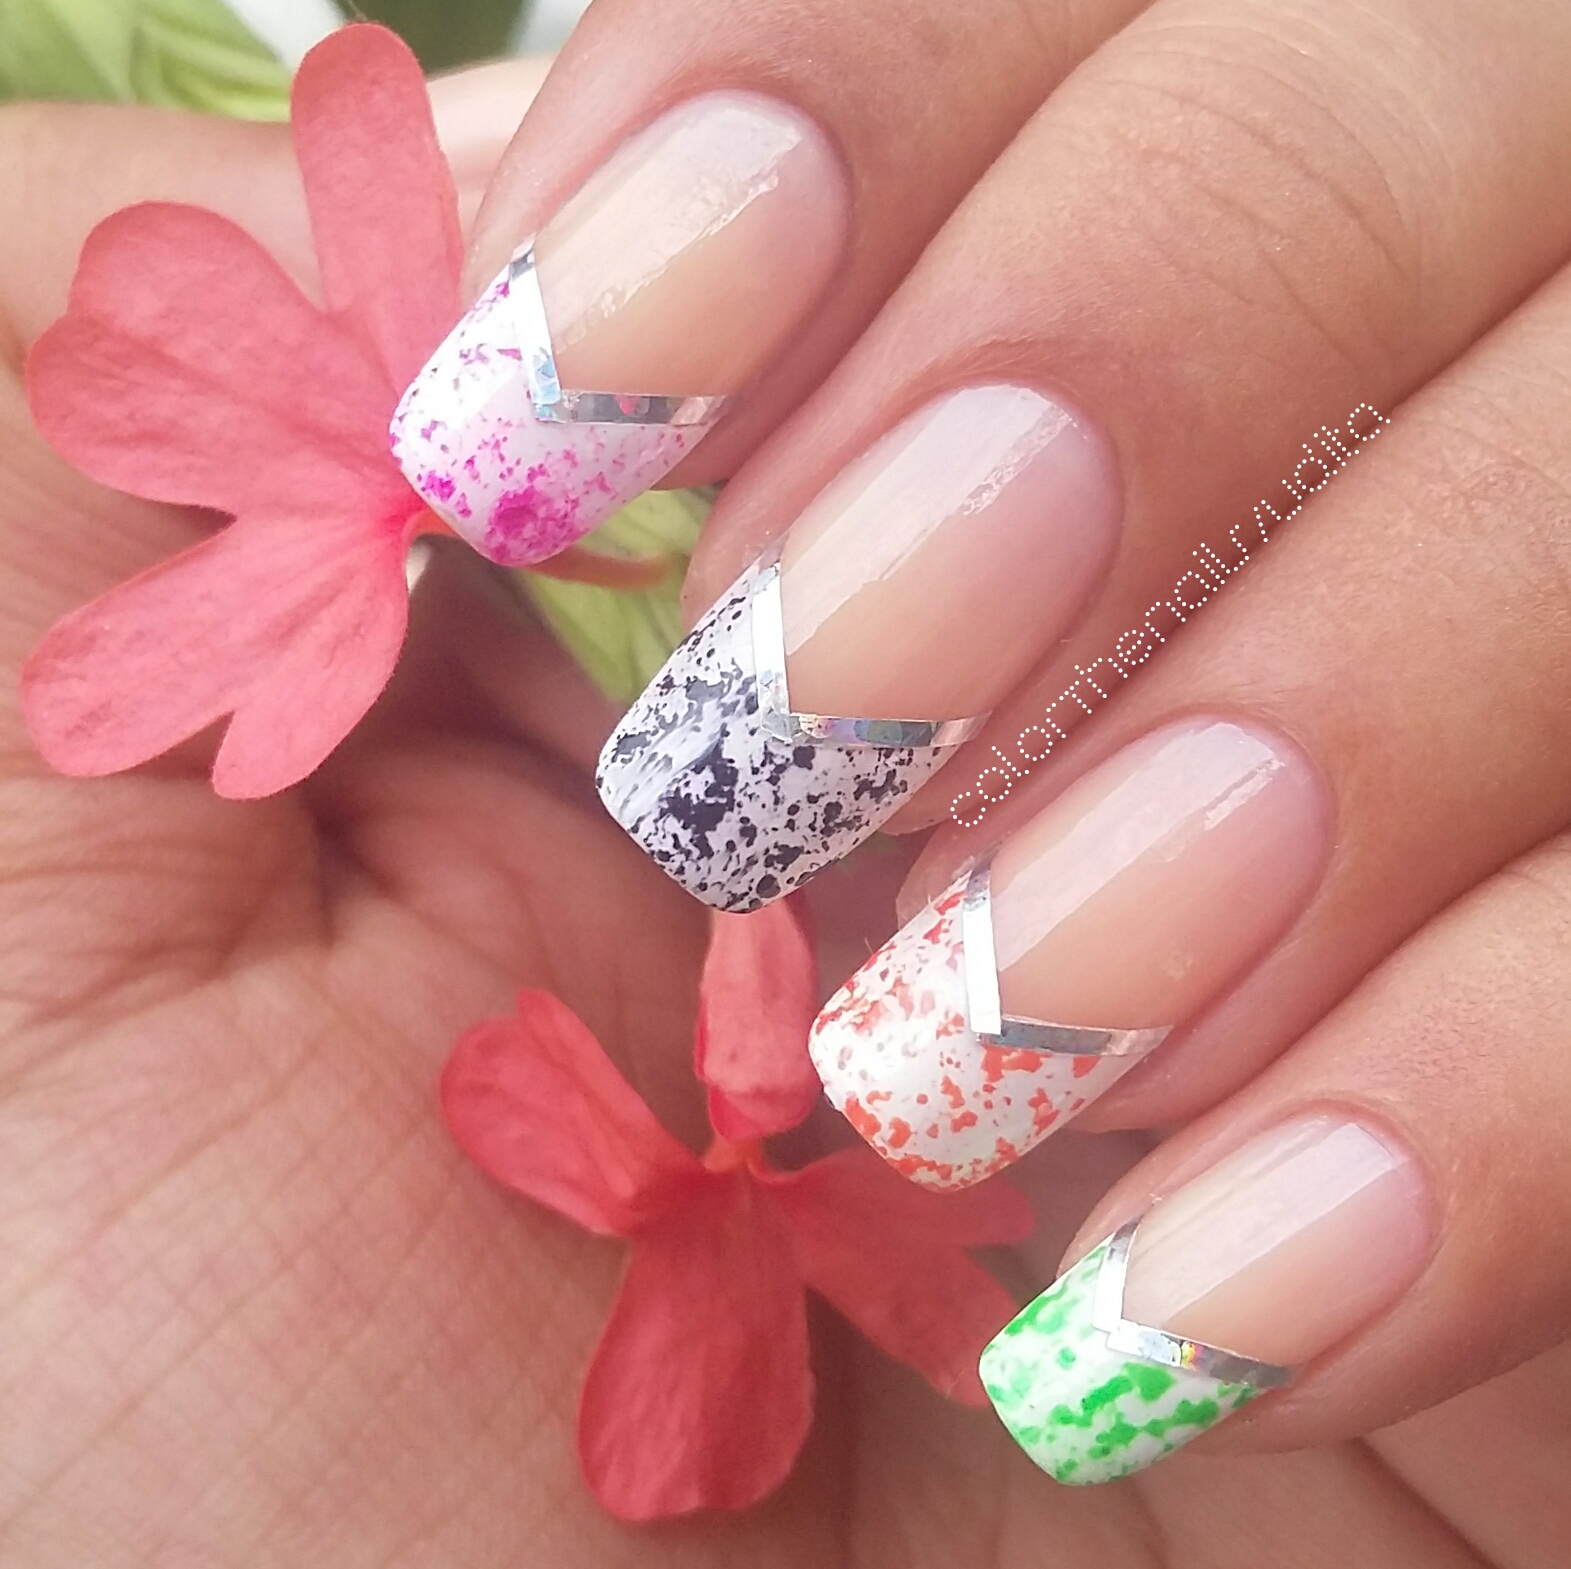 OMD 31 Day Challenge DAY 8 V-SHAPE | Color The Nails